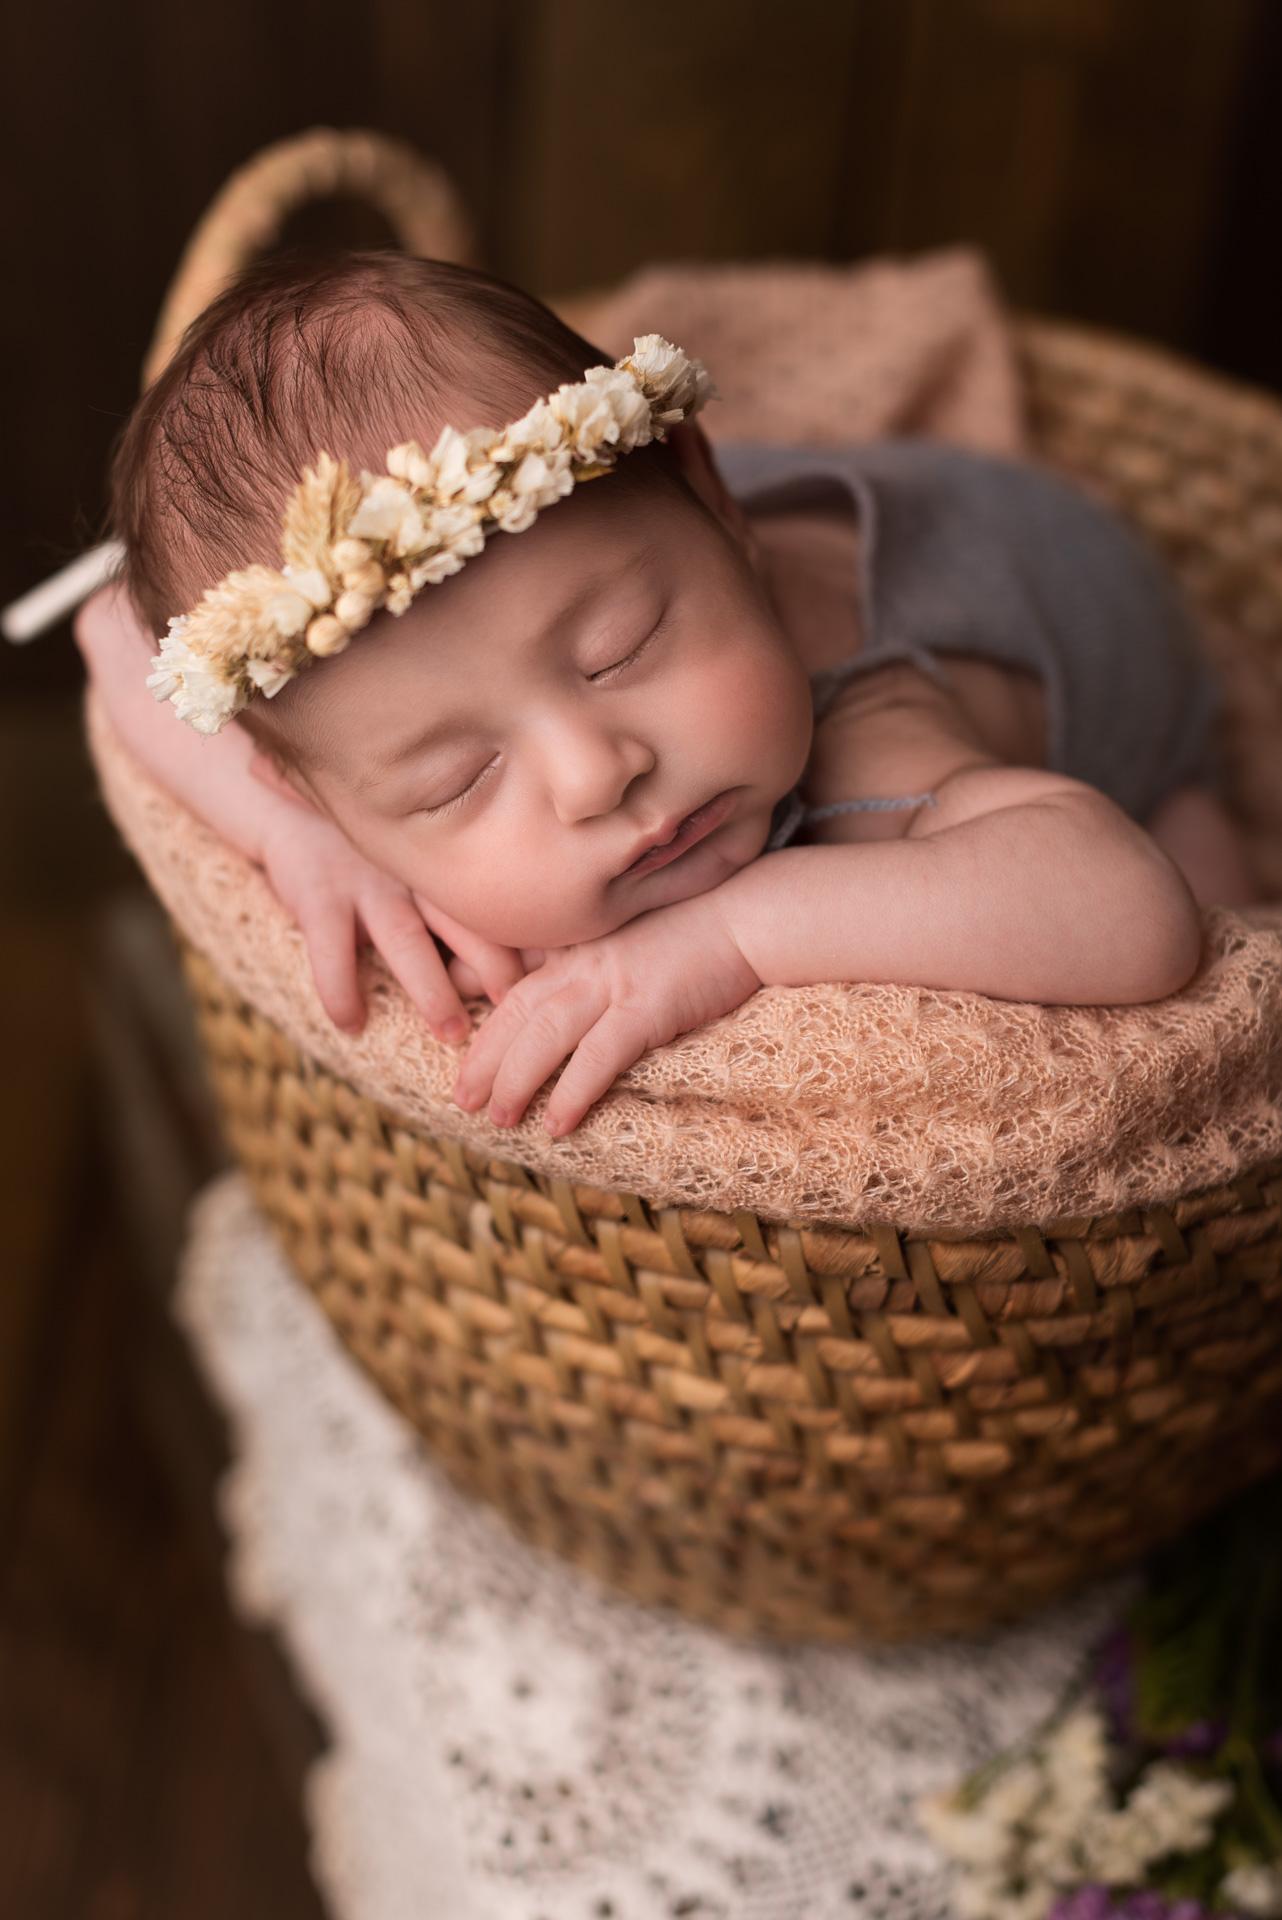 Servizio Fotografico Newborn Tuscia: una prima dolcissima esperienza